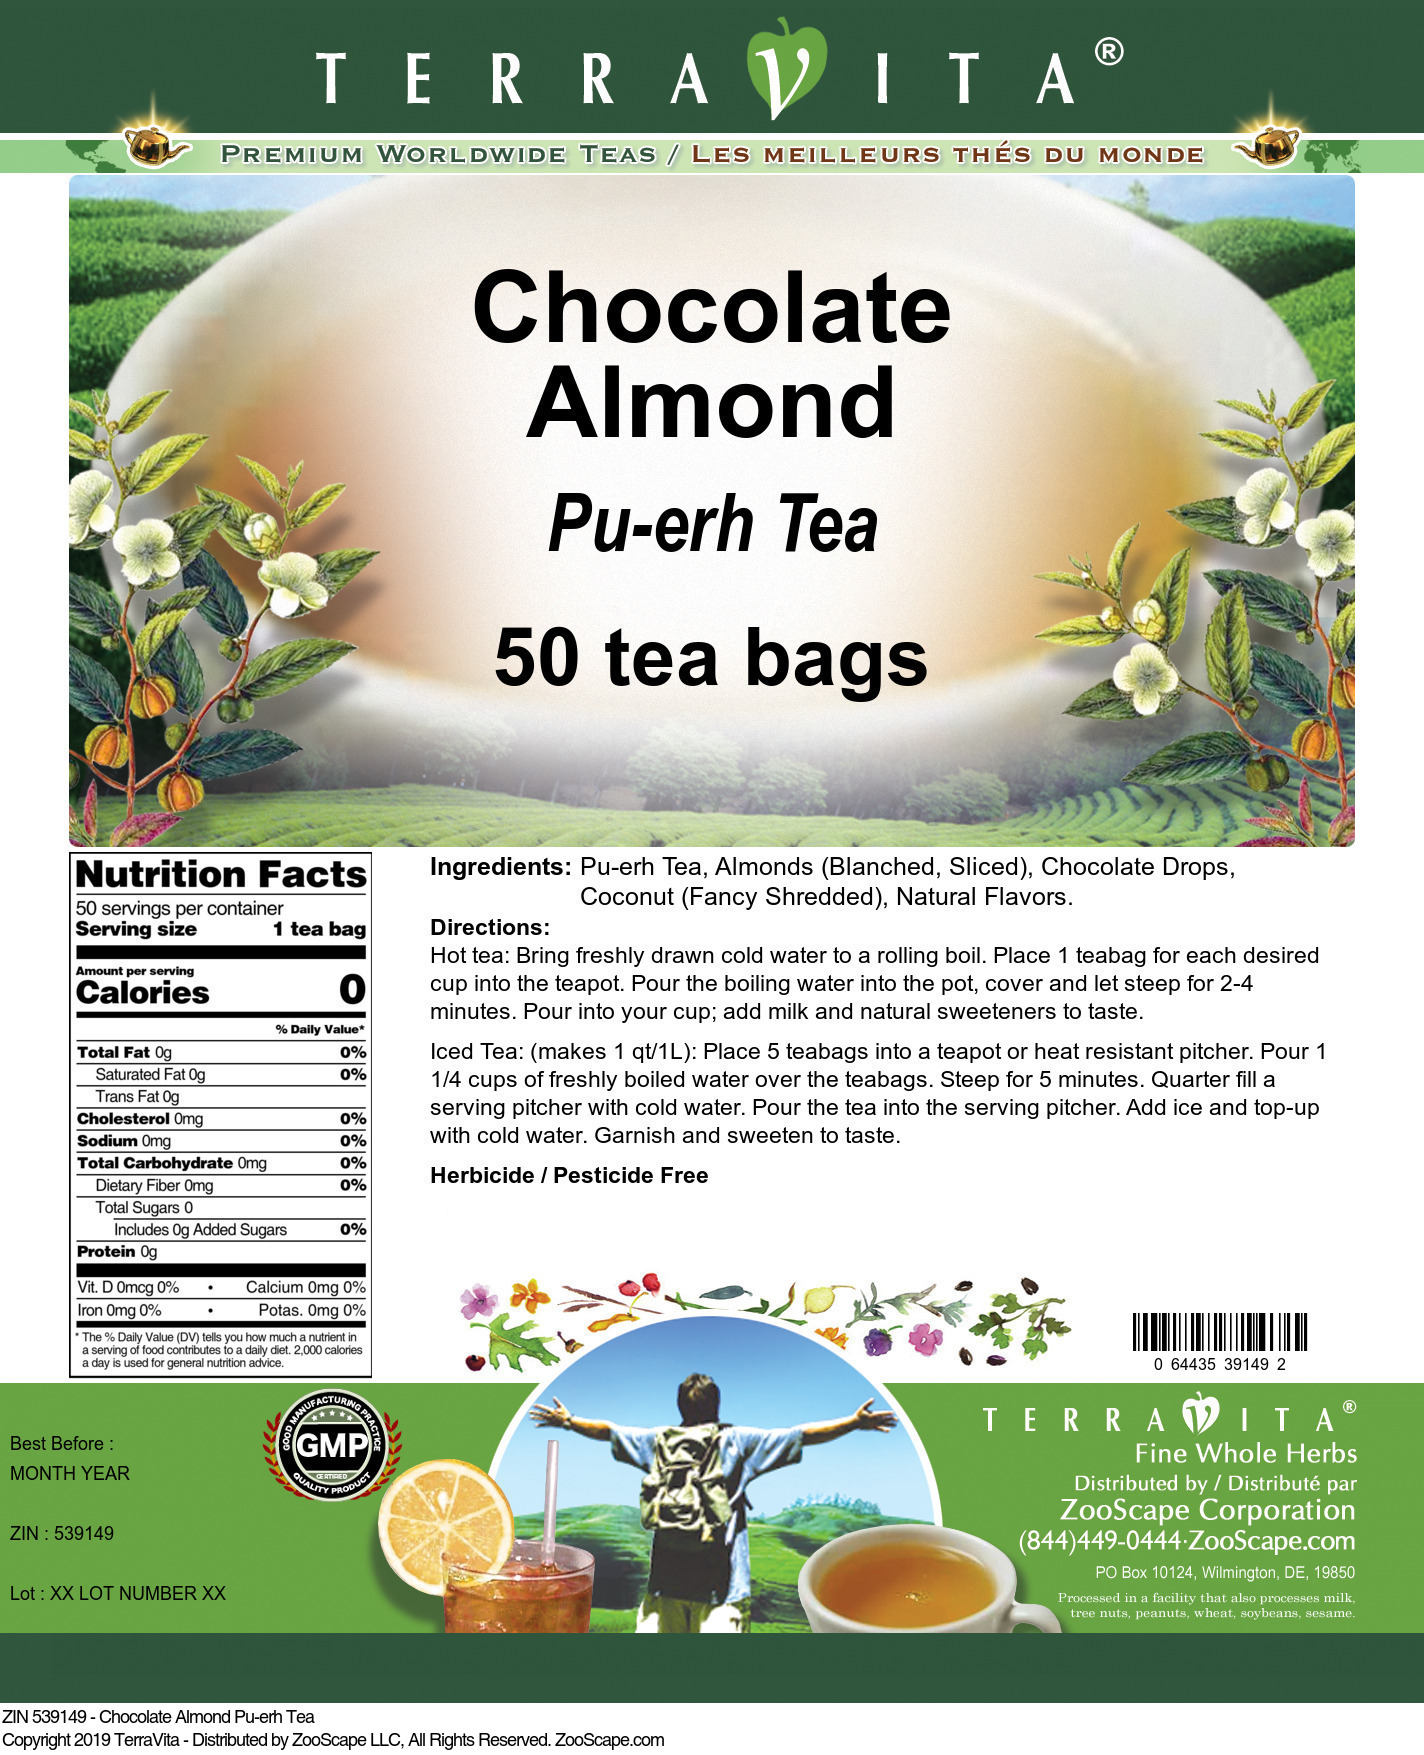 Chocolate Almond Pu-erh Tea